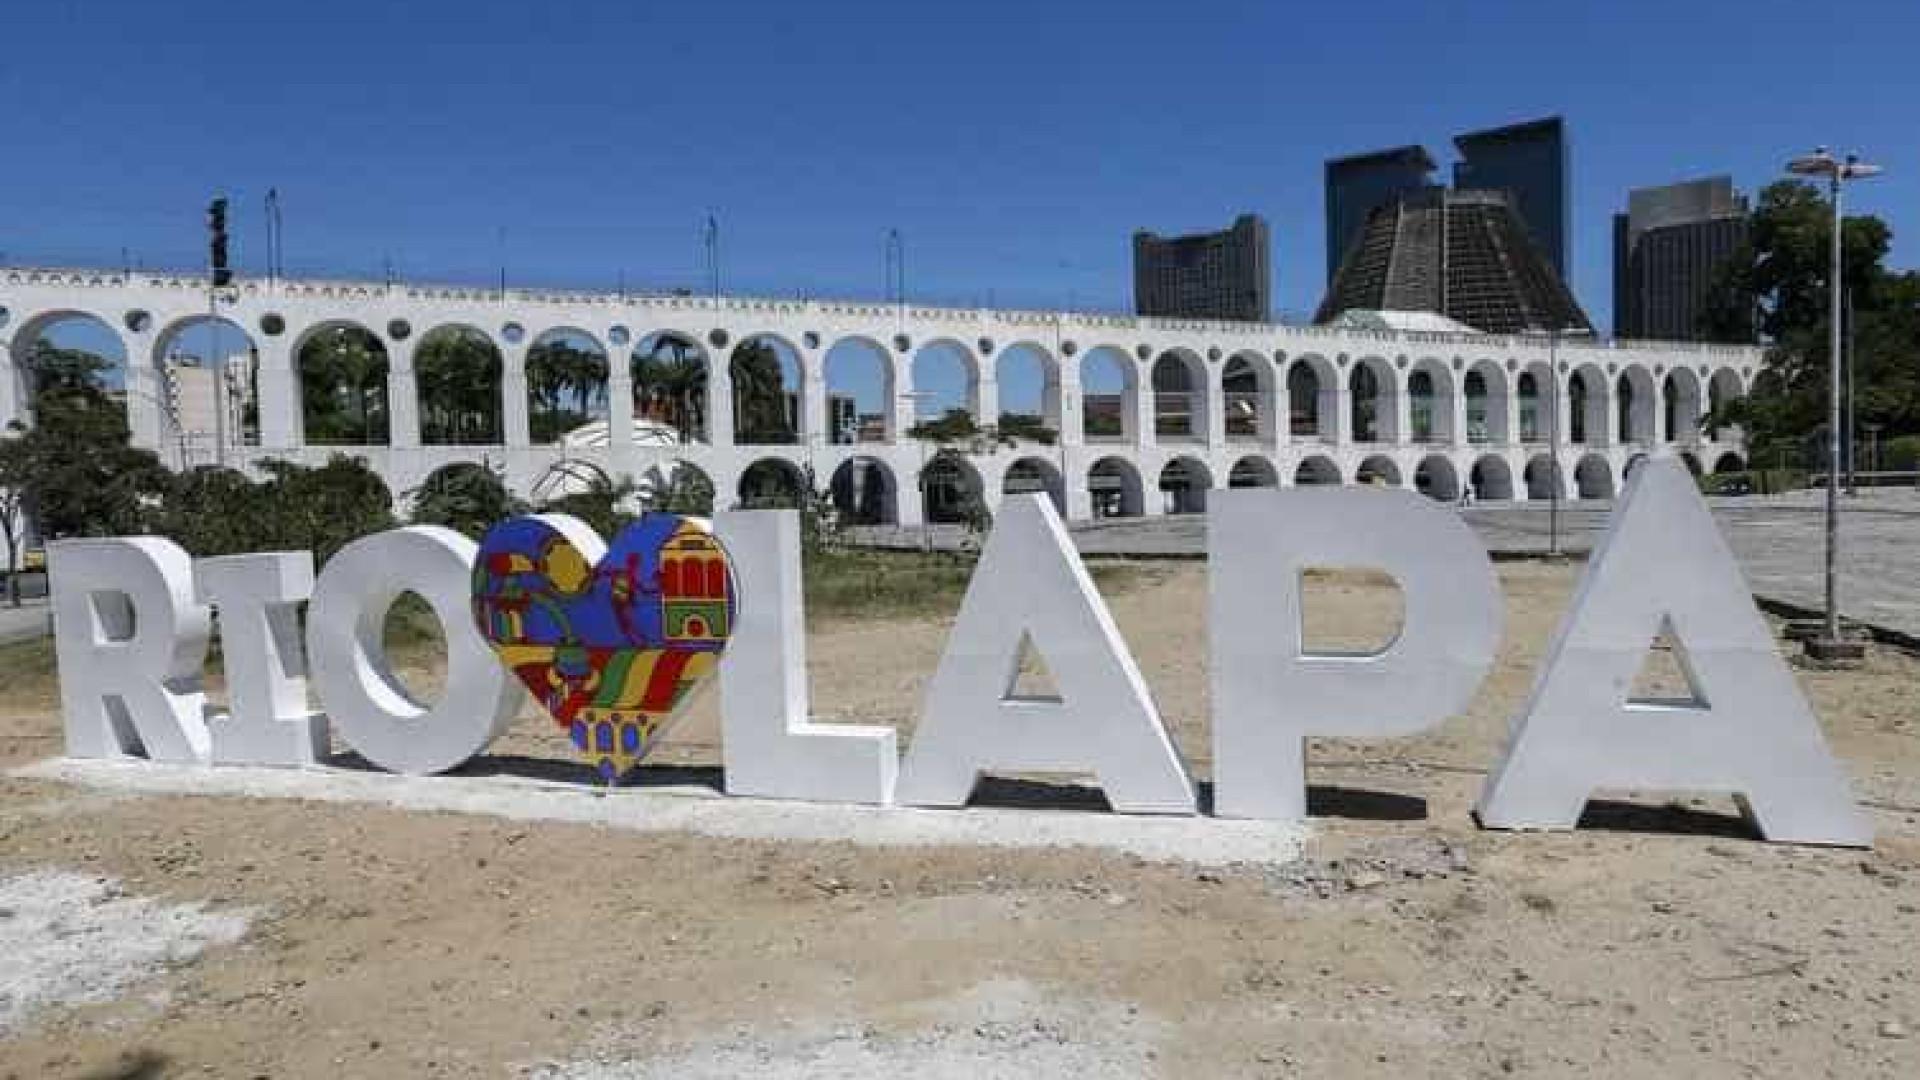 Lapa inaugura mobiliário urbano na Praça dos Arcos